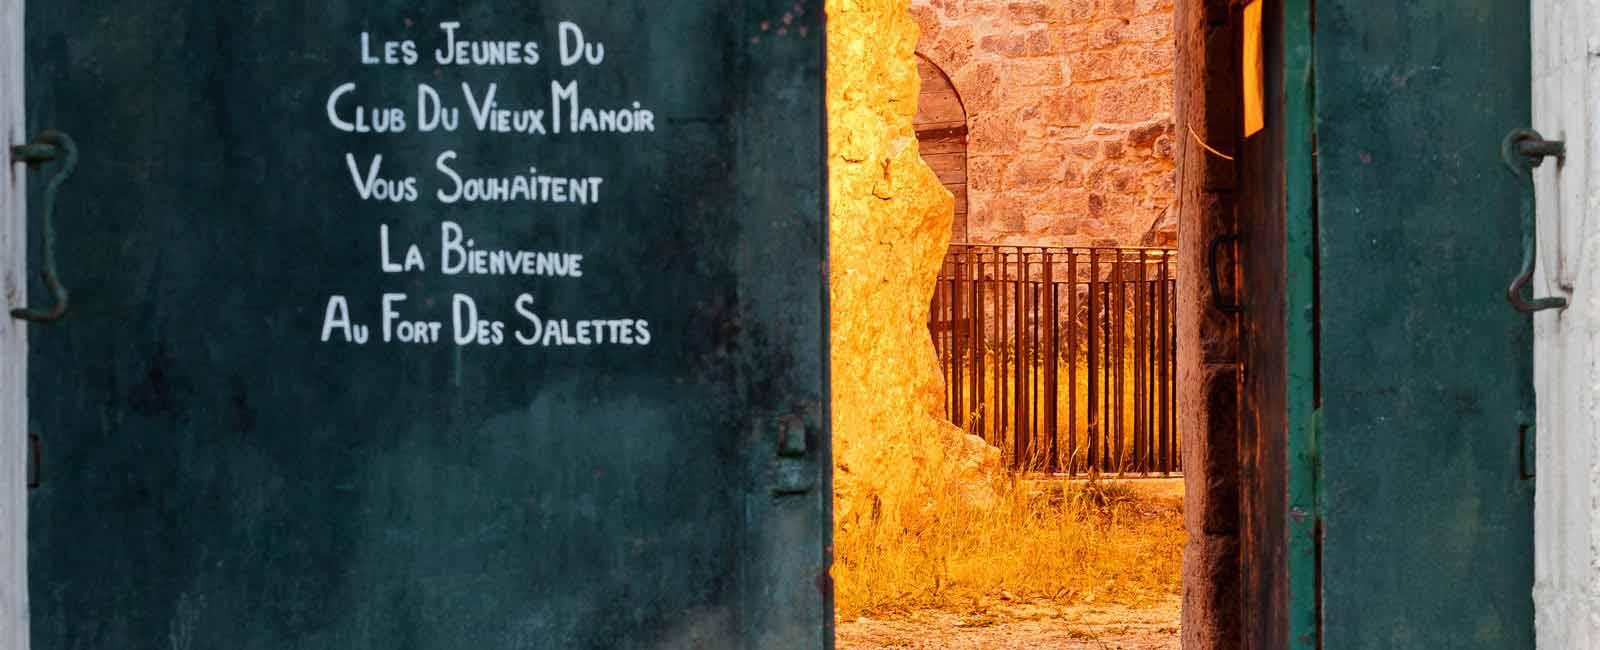 Culture Patrimoine Culturel Hautes-Alpes